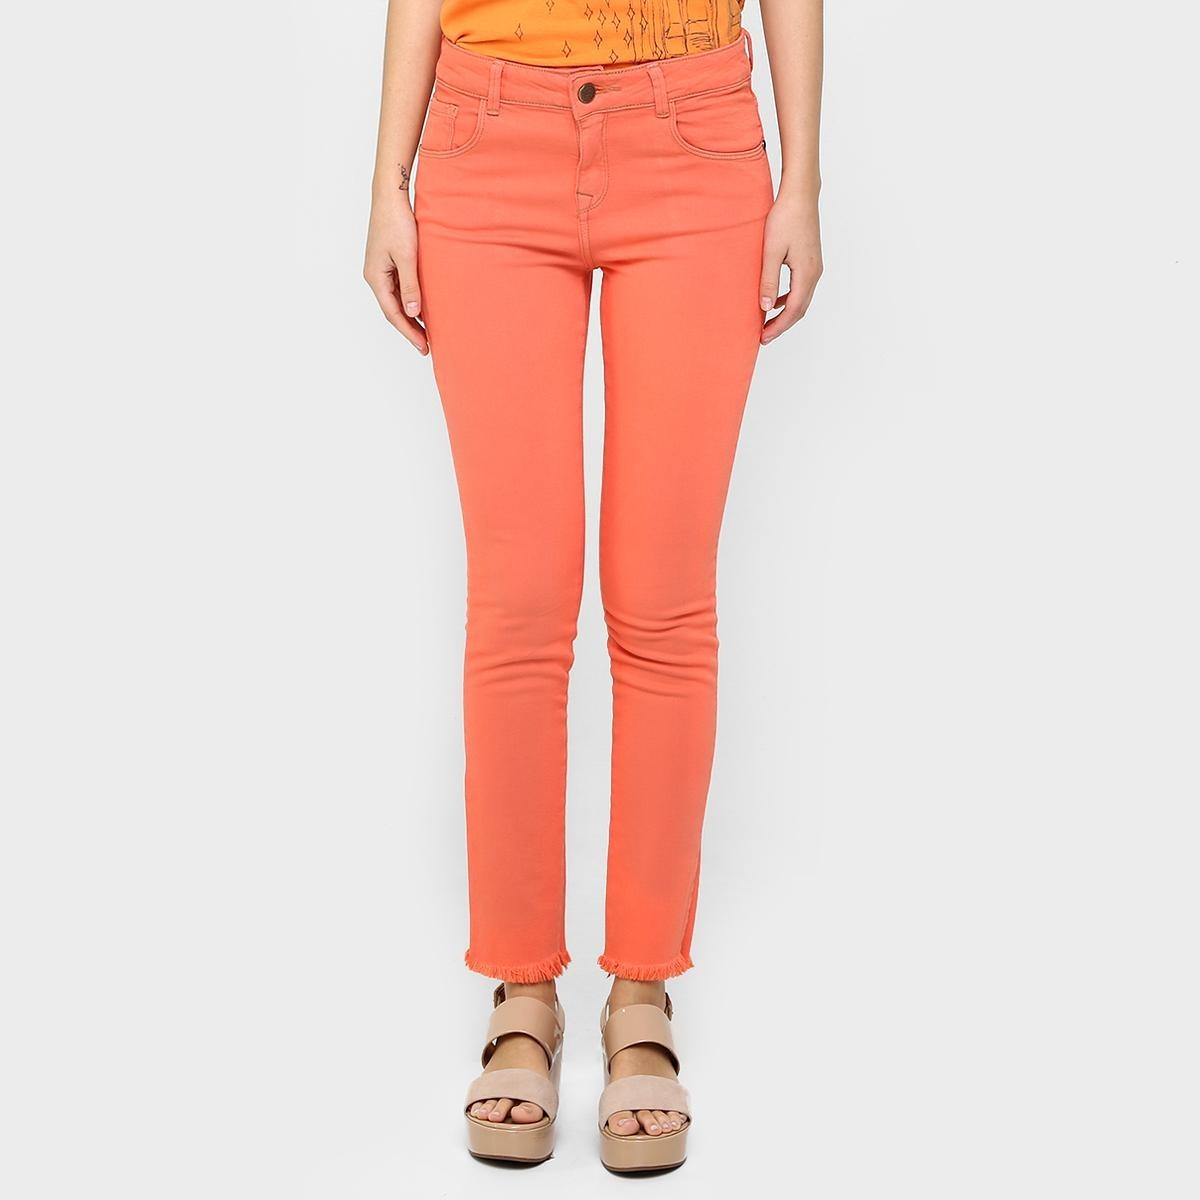 b3e48346c Calça Jeans Cantão Skinny Desfiada Barra - R$ 134,99 em Mercado Livre